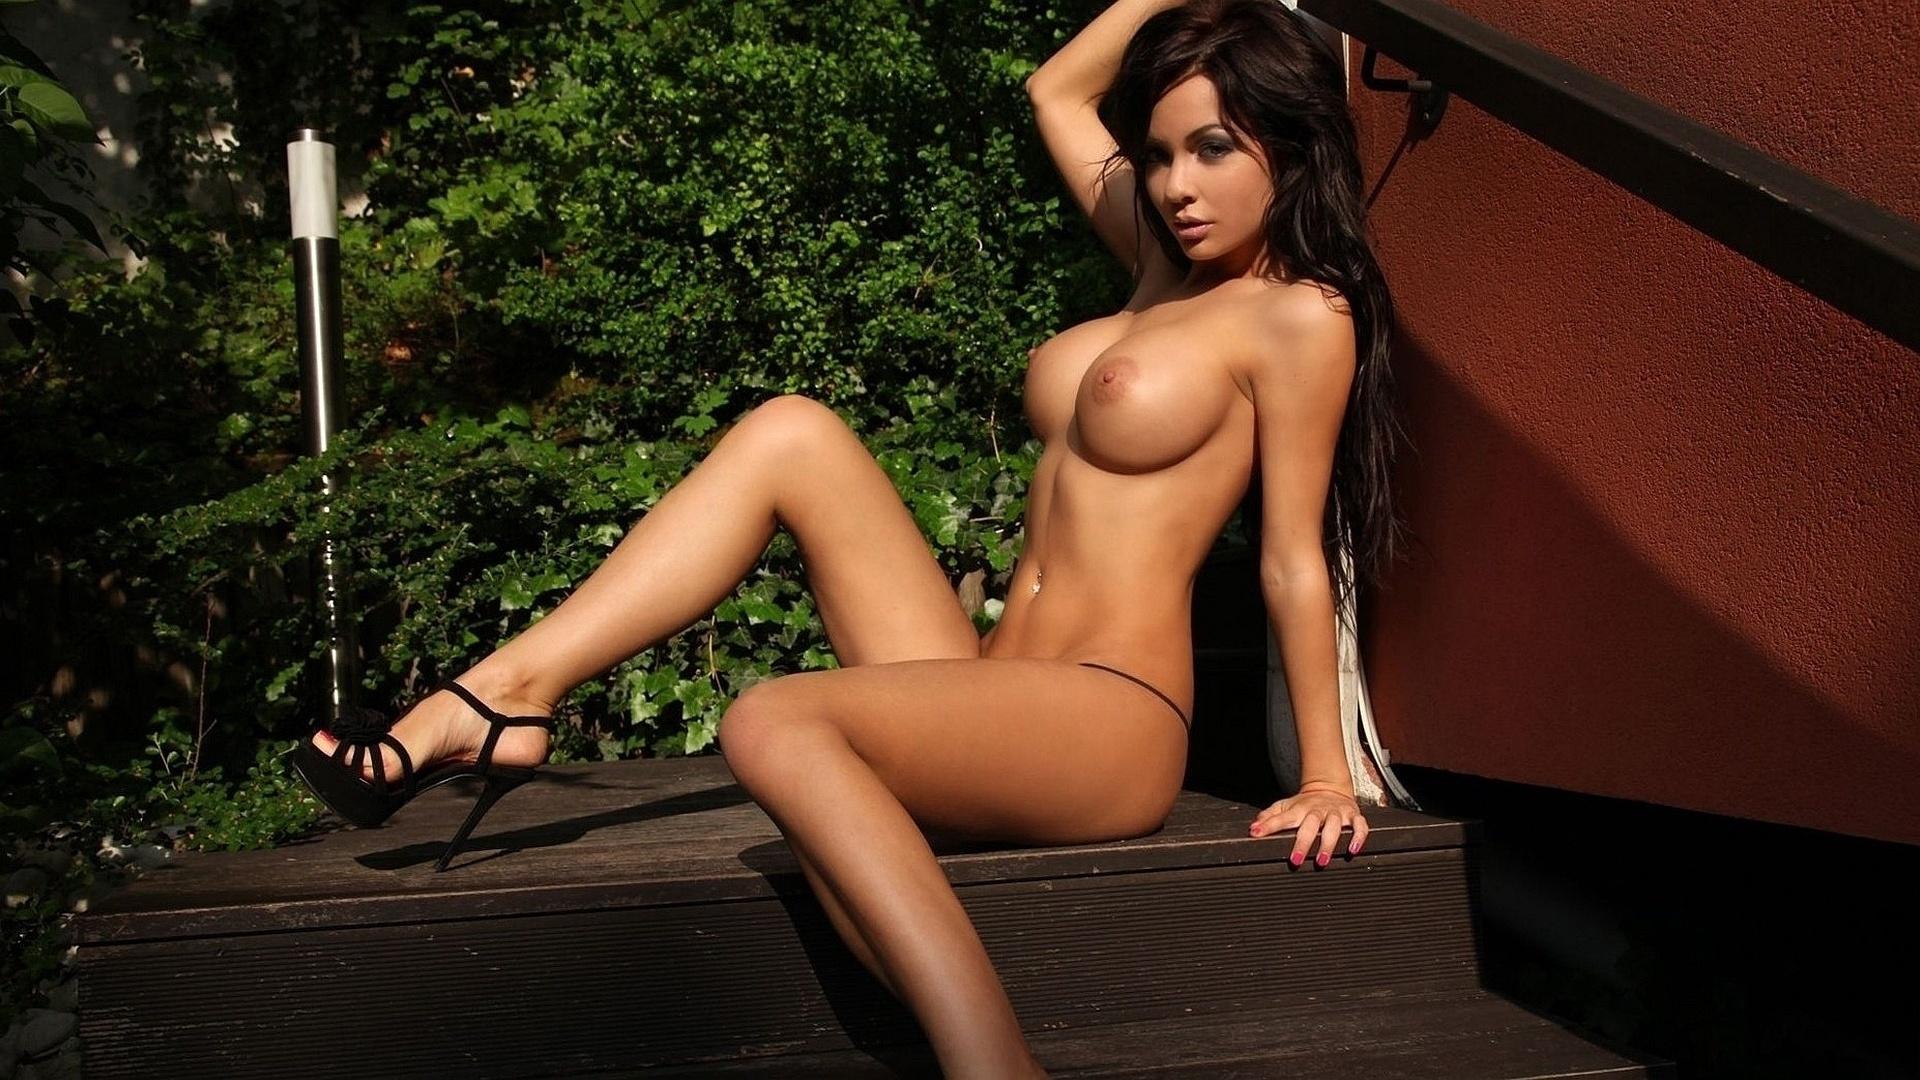 Сексуальные красавицы обнаженные фото 25 фотография